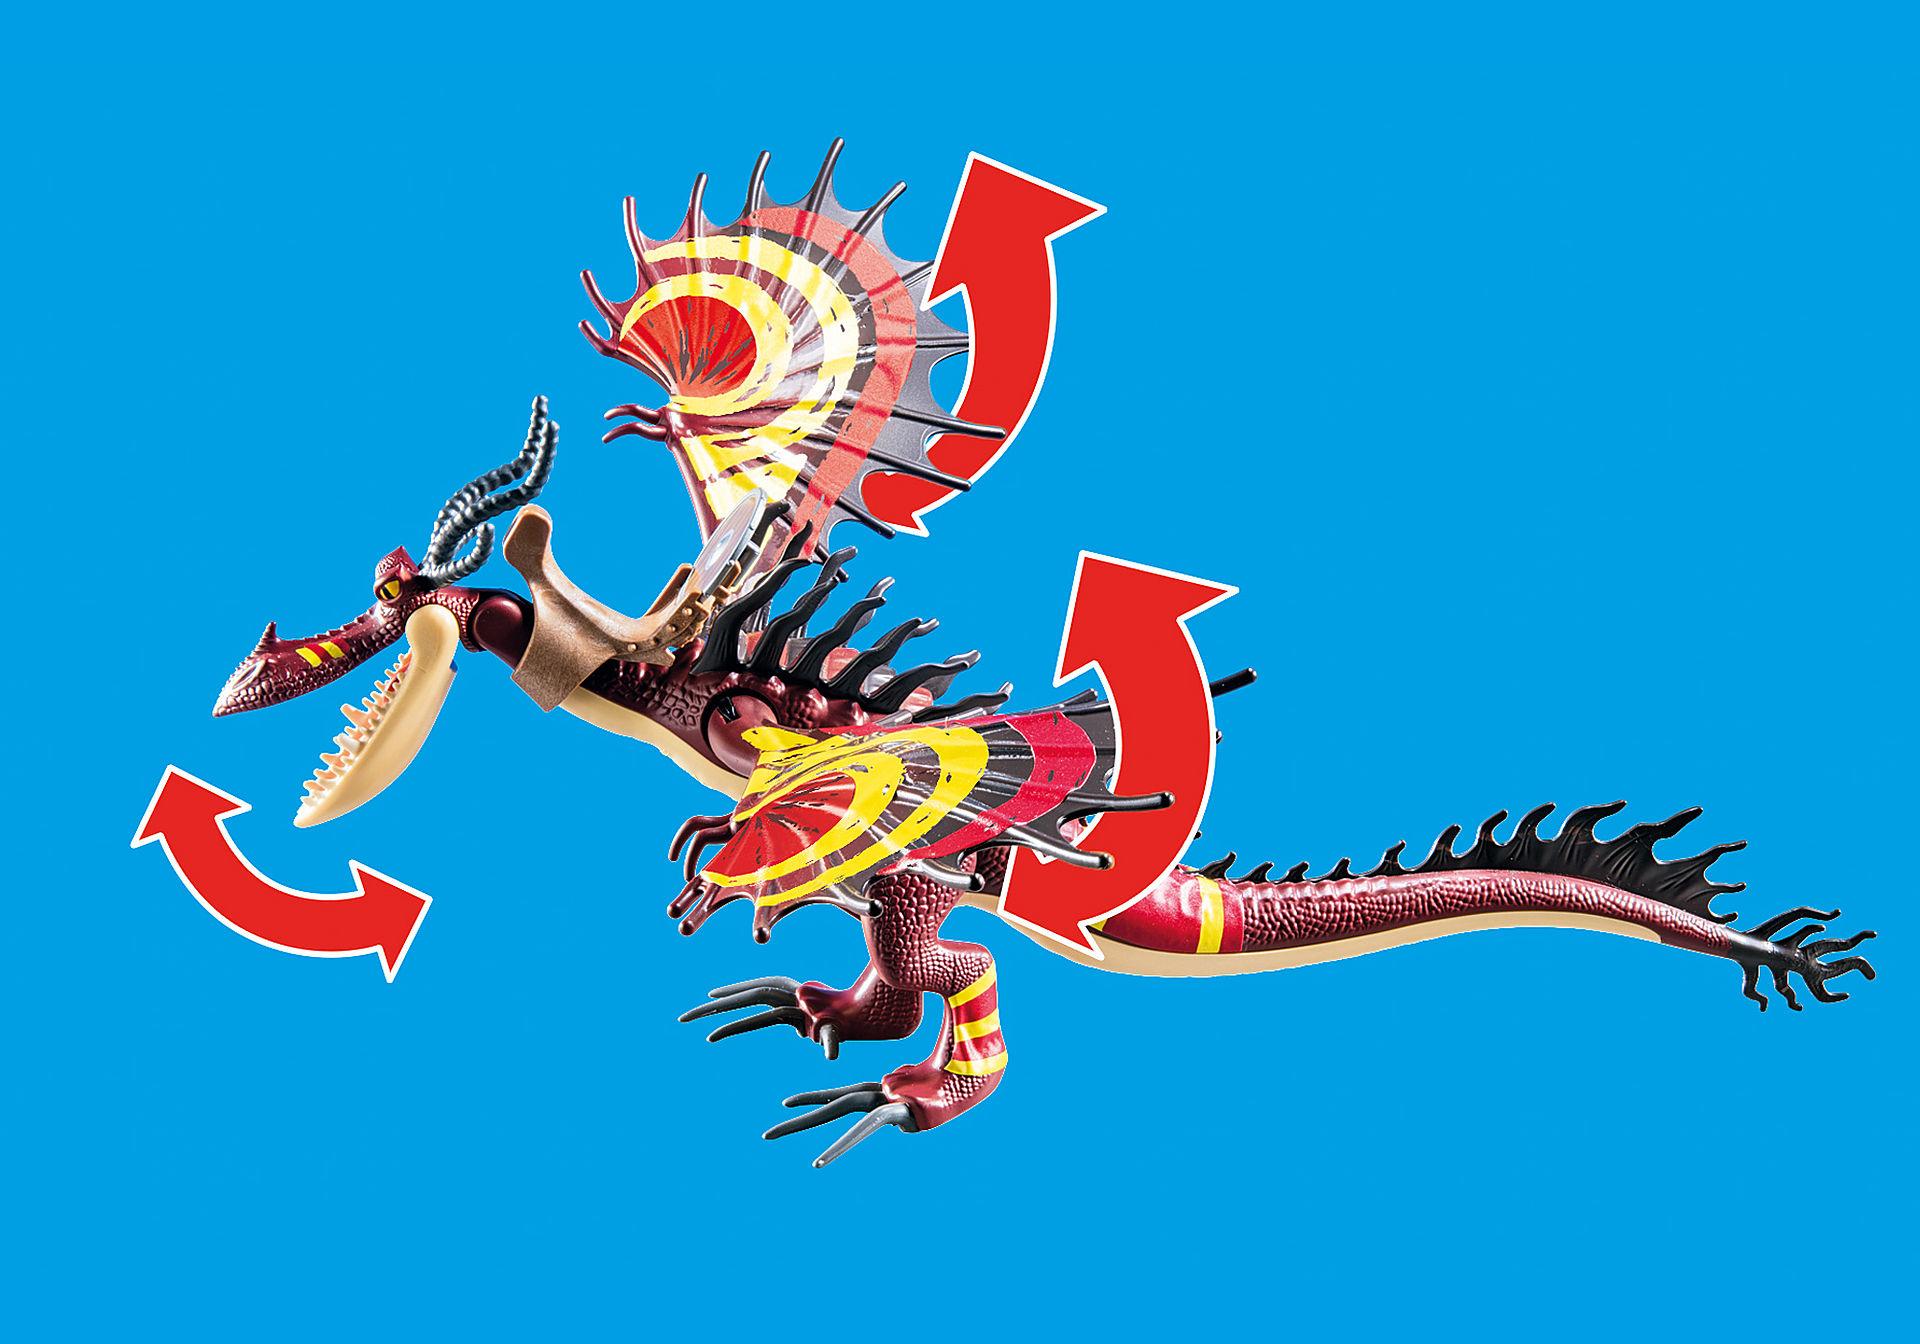 70731 Dragon Racing: Moccicoso e Zannacurva zoom image4